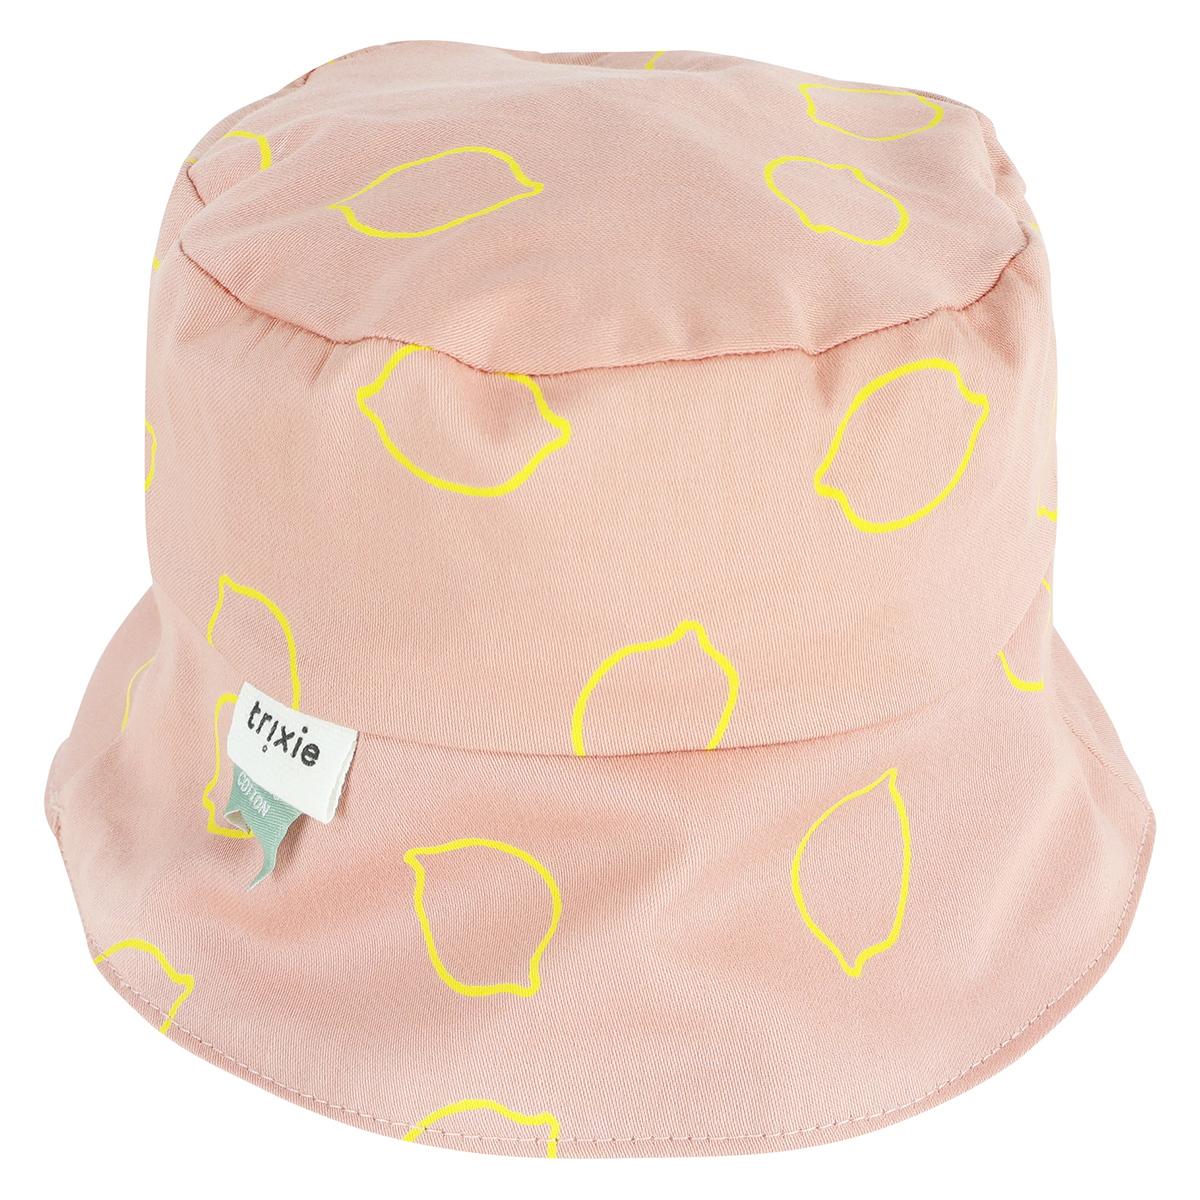 Accessoires bébé Chapeau de Soleil Lemon Squash - 3 Ans Trixie Baby - AR201907250064